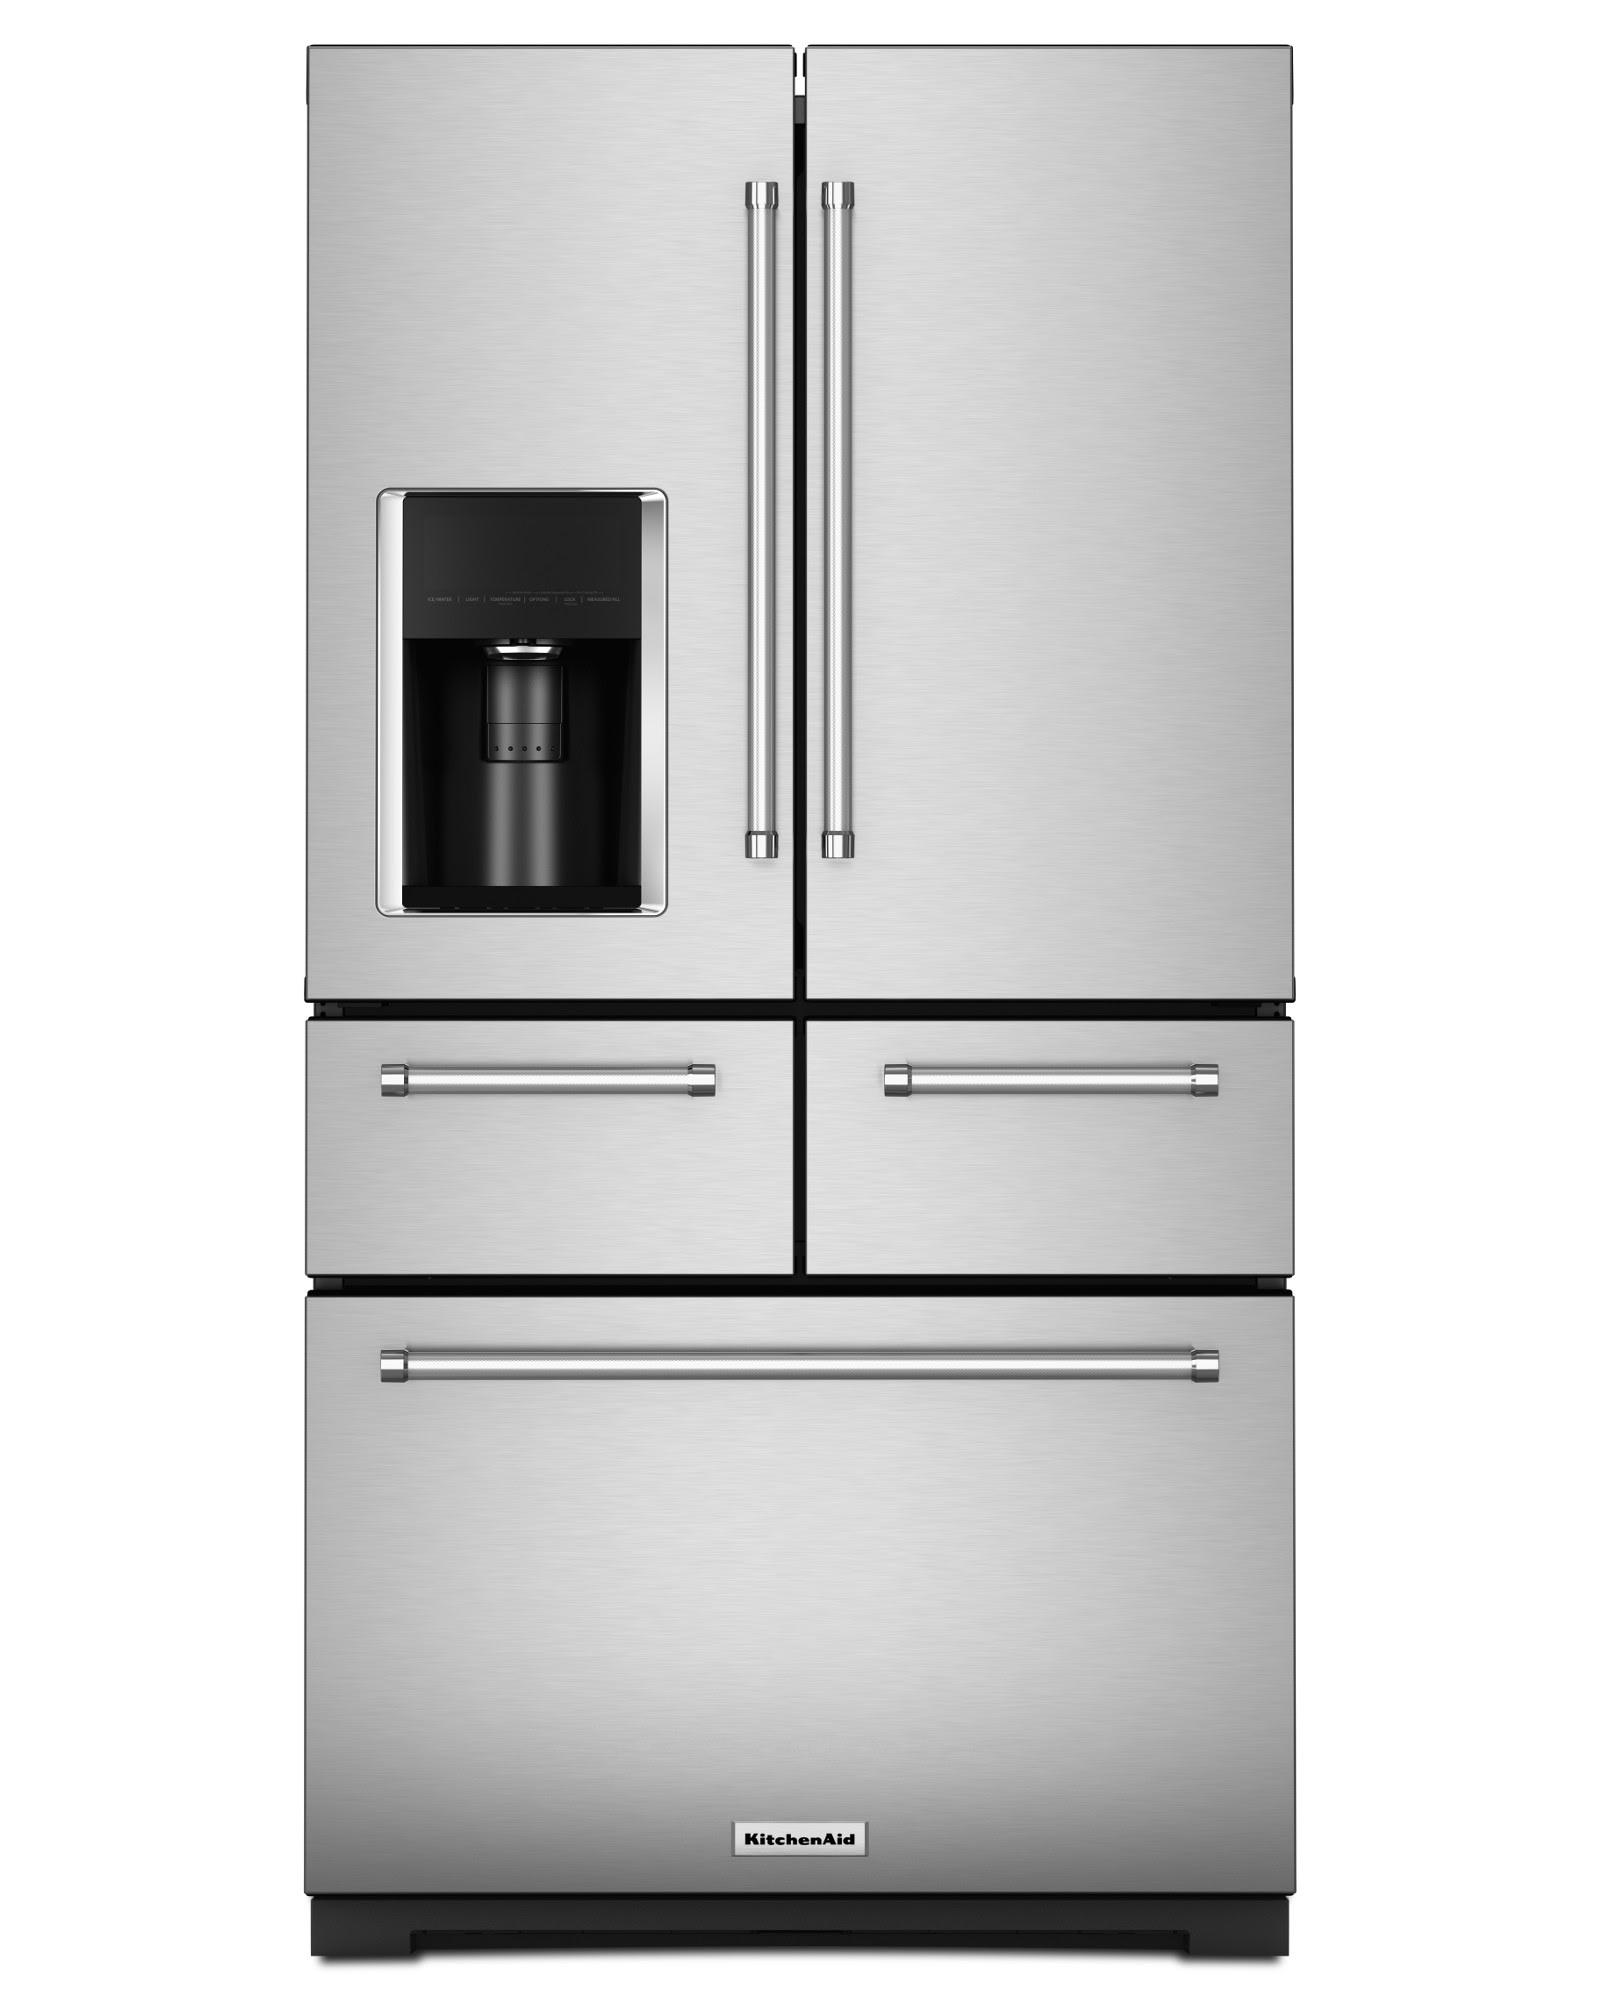 """UPC KitchenAid KRMF706ESS 25 8 cu ft 36"""" Multi Door"""